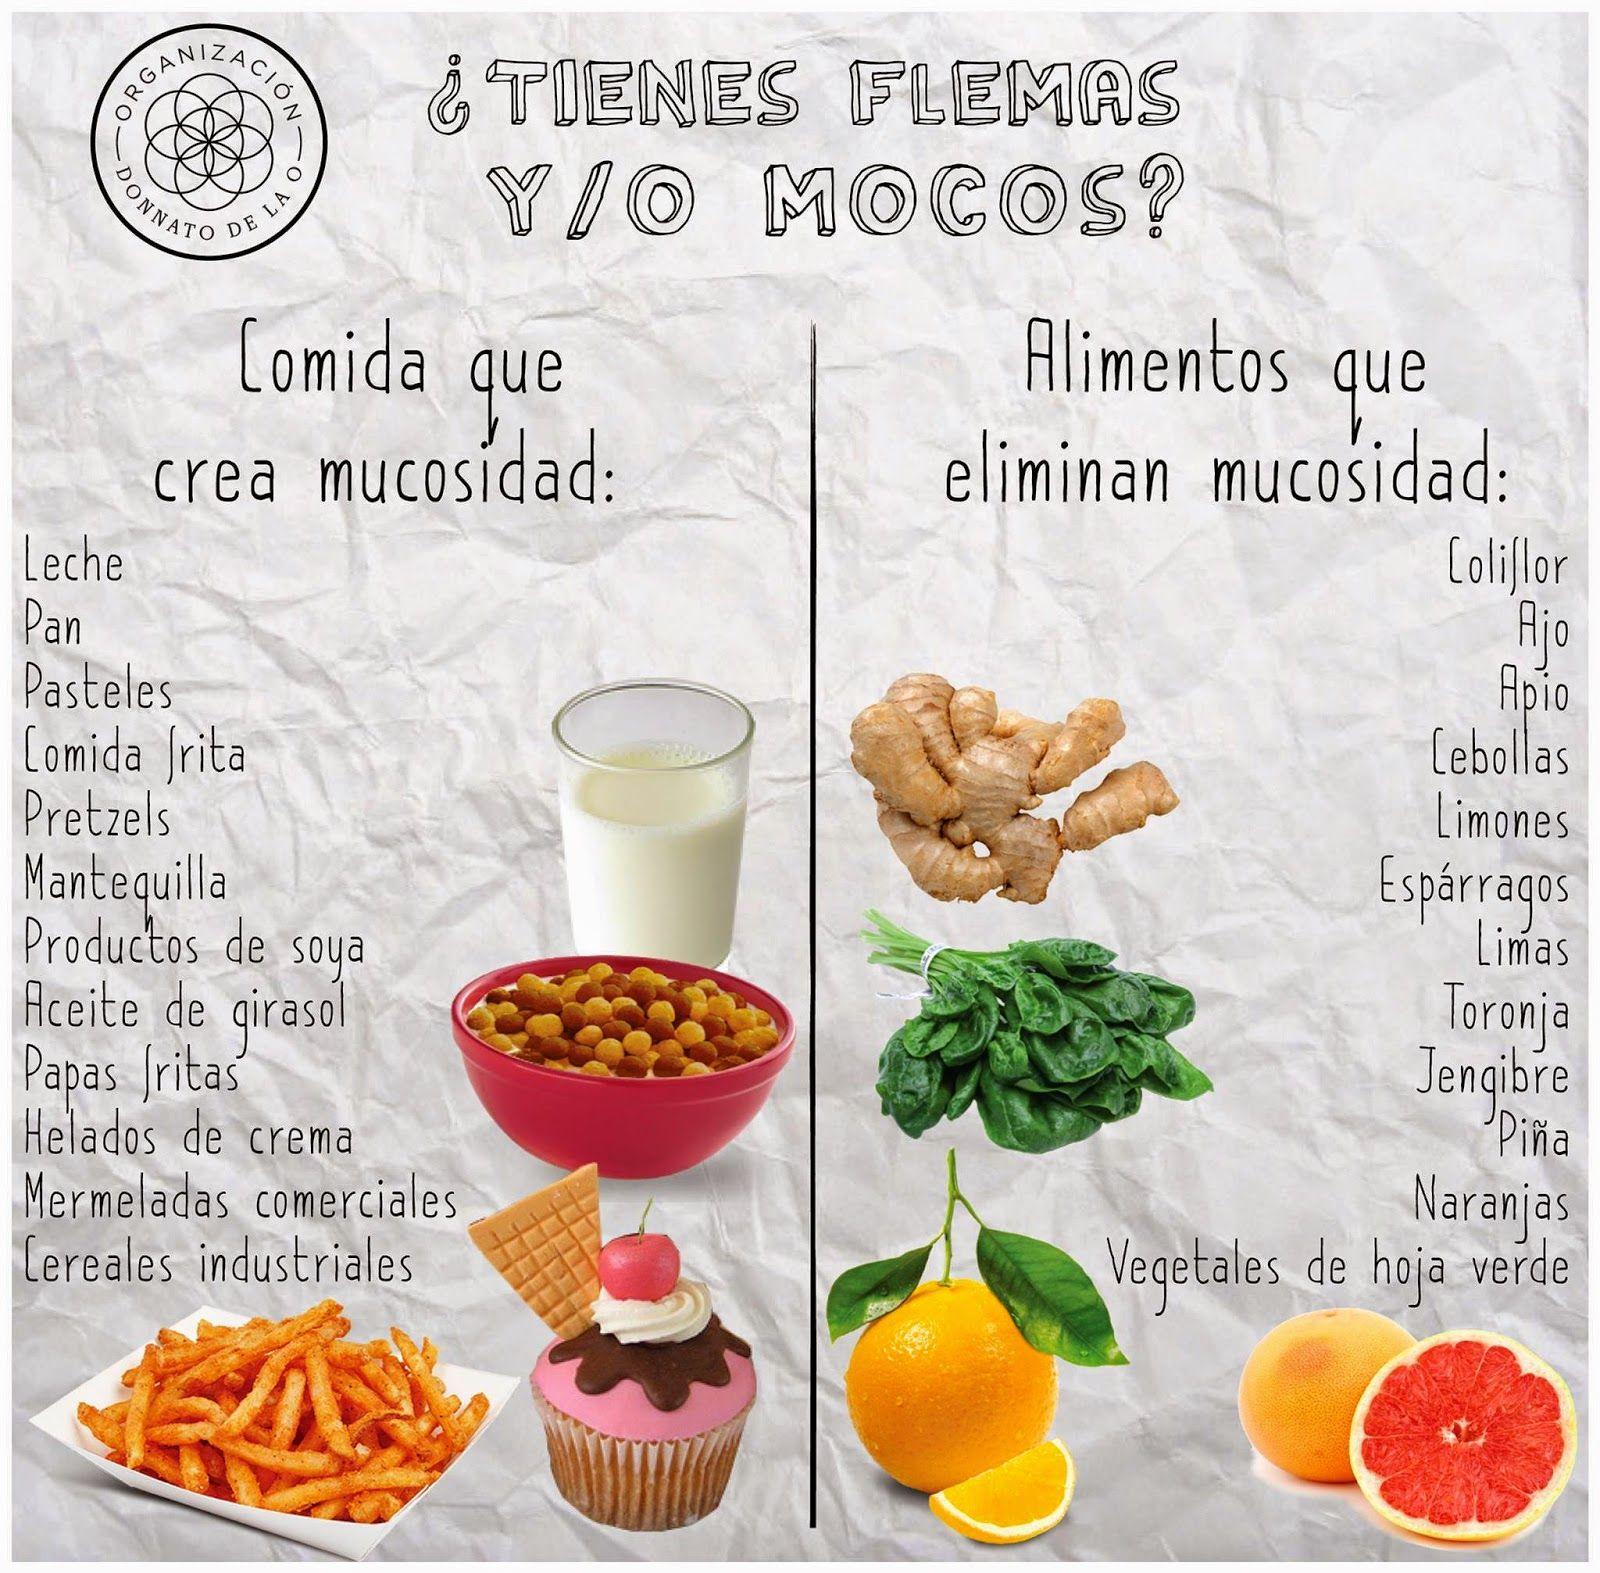 De La Salud Natural Tiene Flemas O Mocos Alimentos Alimentos Sanos Donato De La O